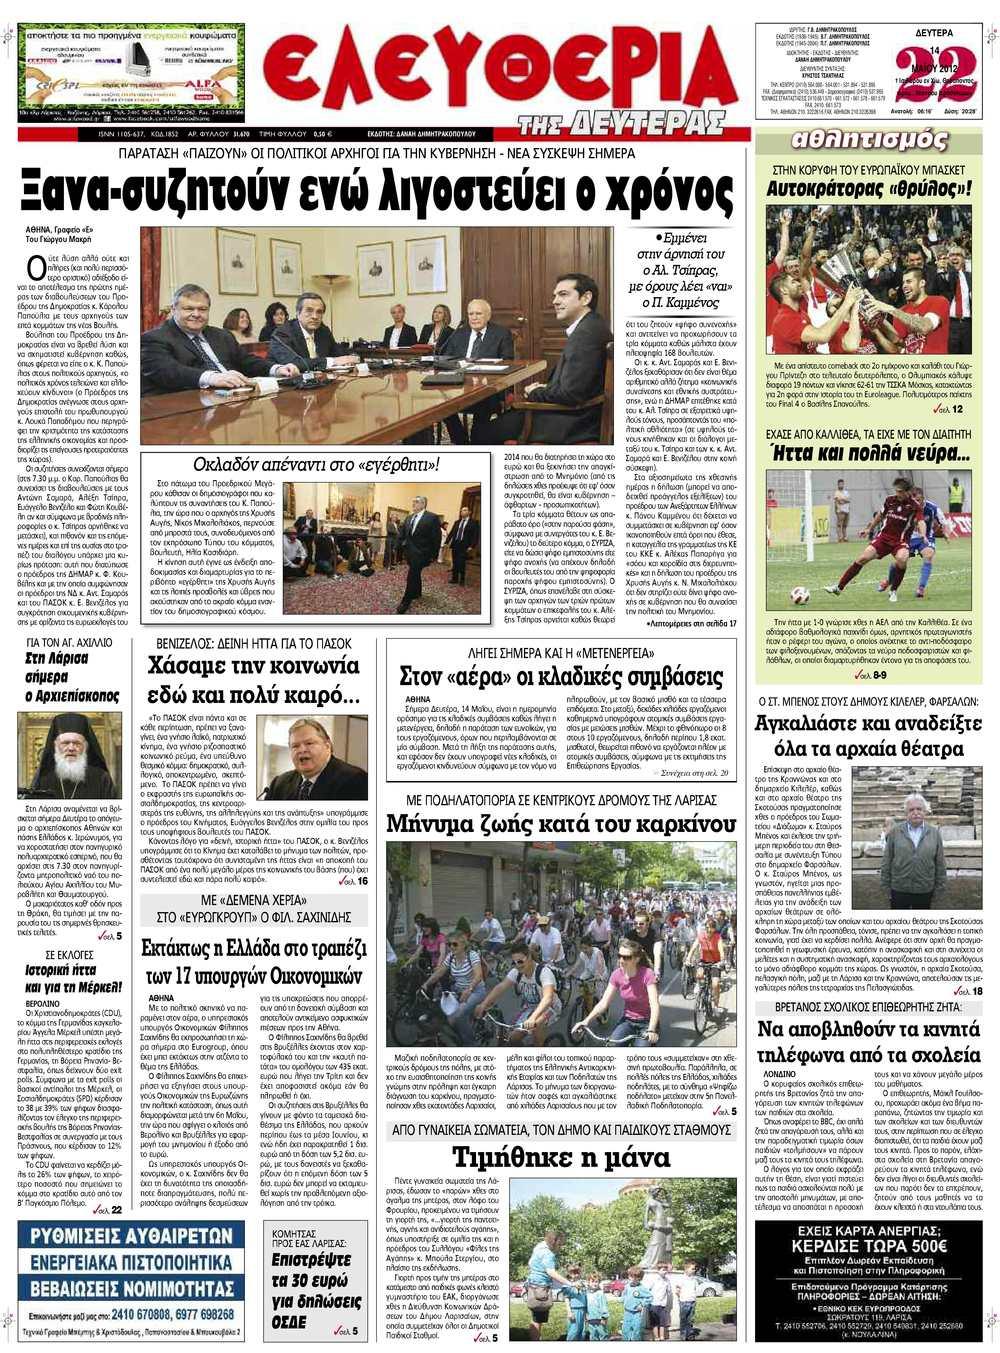 Calaméo - Eleftheria.gr 14 05 2012 128702f0f67